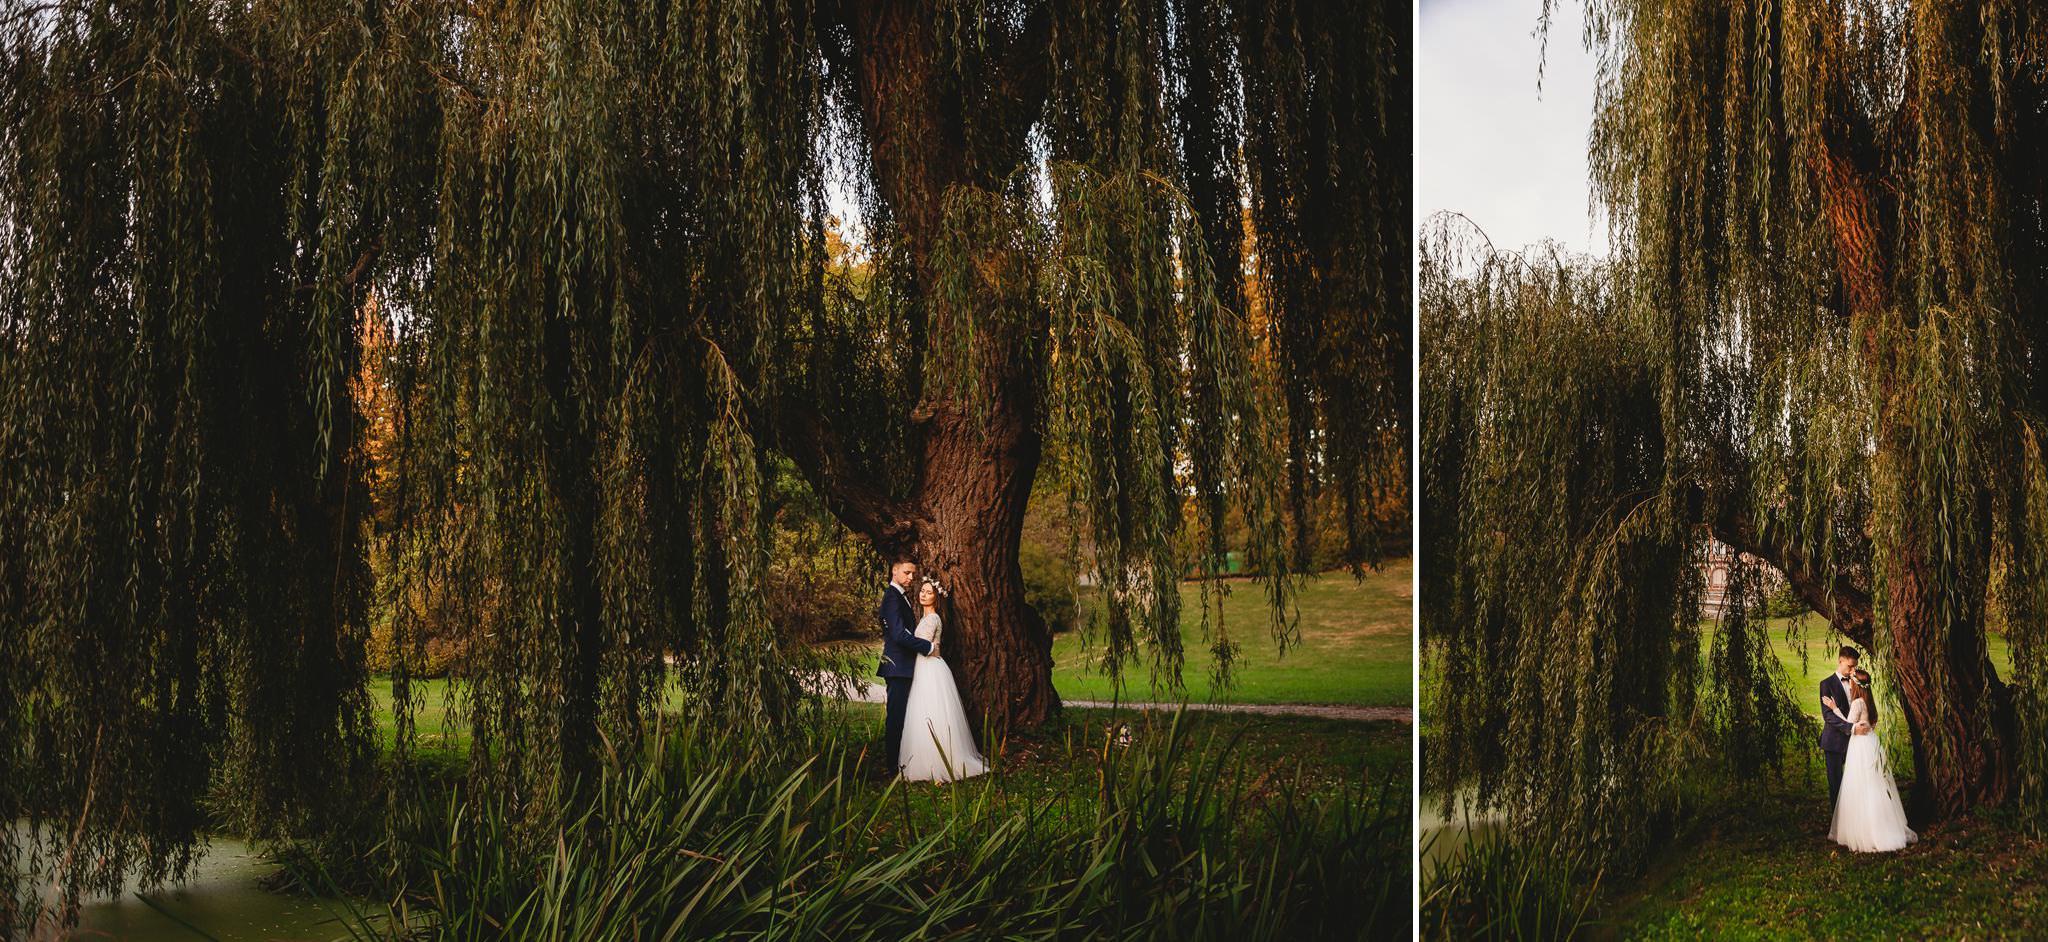 Fantastyczny ślub w stylu rustykalnym, wesele w Kapitańskiej  fotograf ślubny Konin 552